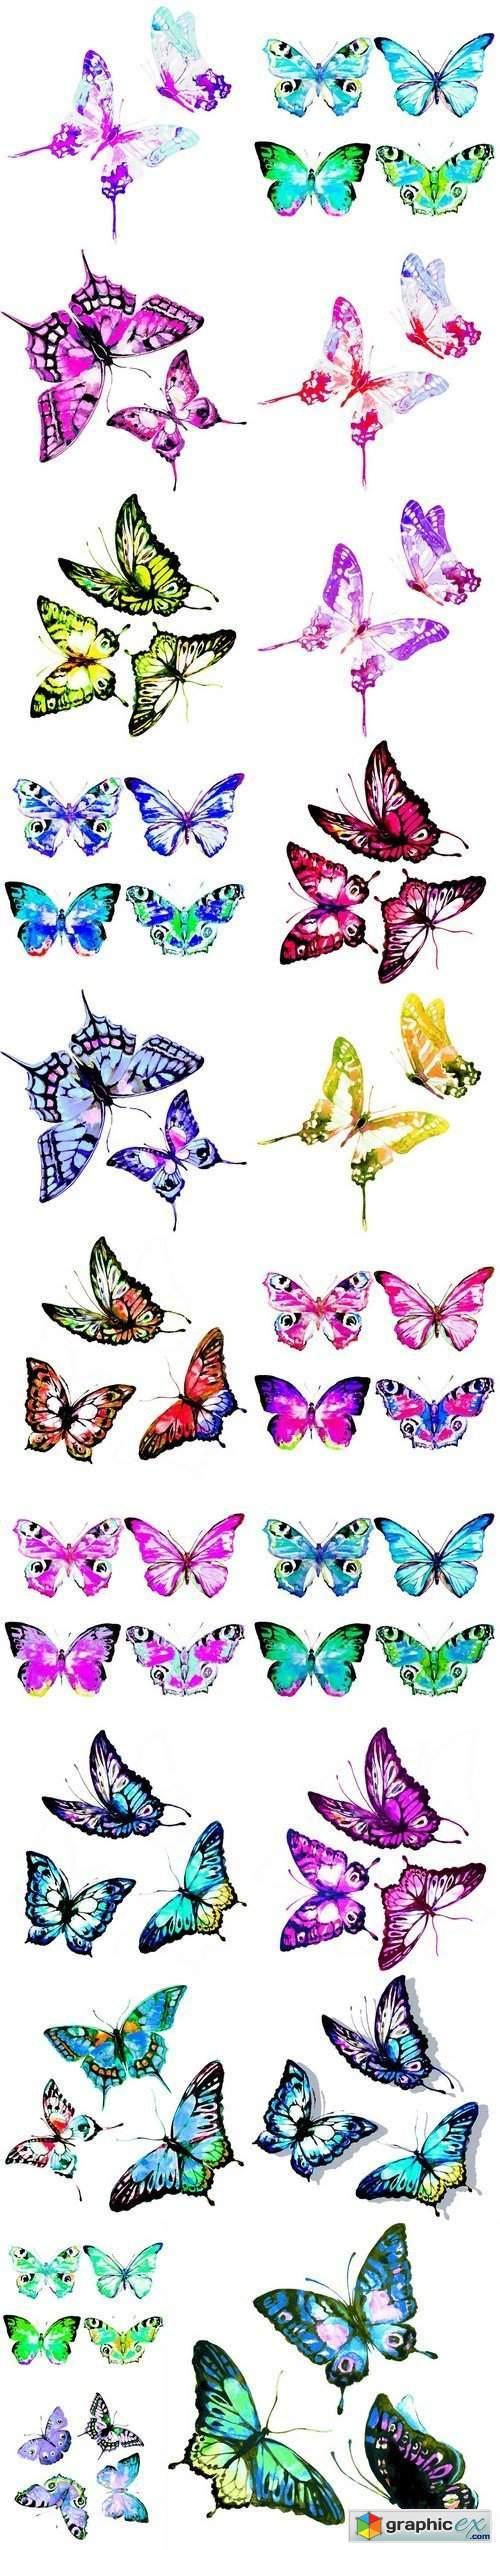 Beautiful watercolor butterflies - 21xUHQ JPEG